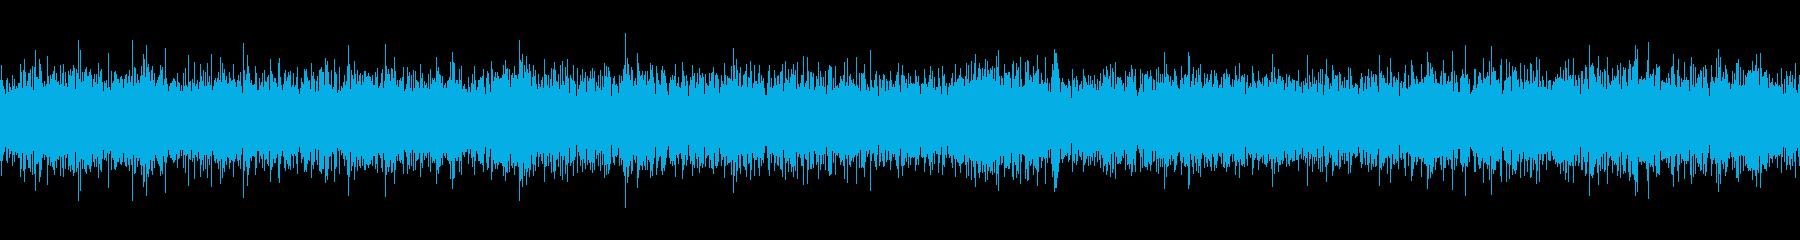 東京地下鉄の駅の環境音(ループ処理済)の再生済みの波形